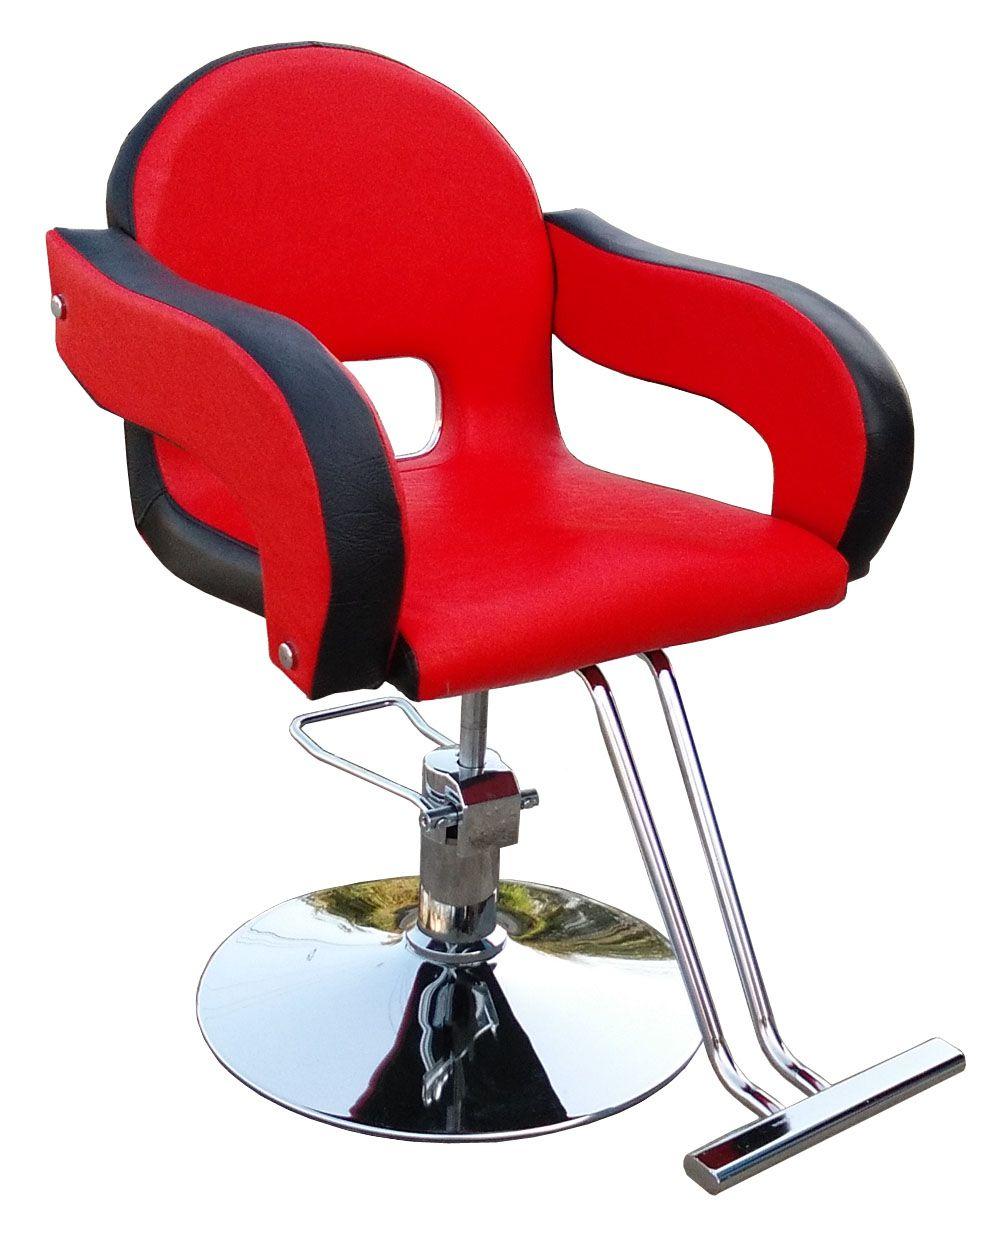 Hair Salons Fashion Hair Salon Chair. Cutting Beauty Care Hydraulic Chair.  Stool. Swivel Chair.